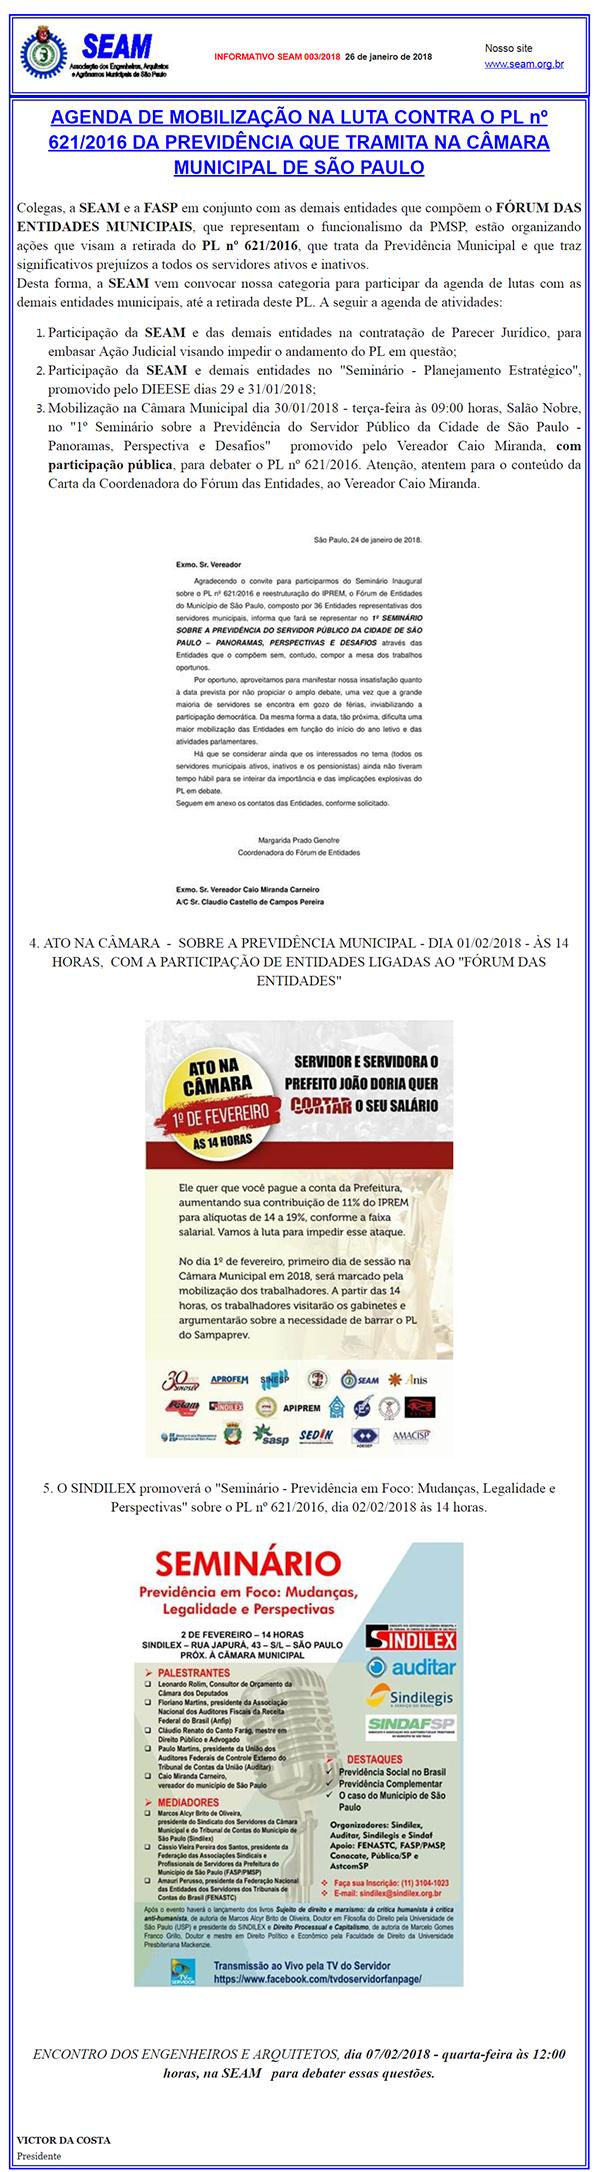 003 – AGENDA DE MOBILIZAÇÃO NA LUTA CONTRA O PL nº 621/2016 DA PREVIDÊNCIA QUE TRAMITA NA CÂMARA MUNICIPAL DE SÃO PAULO